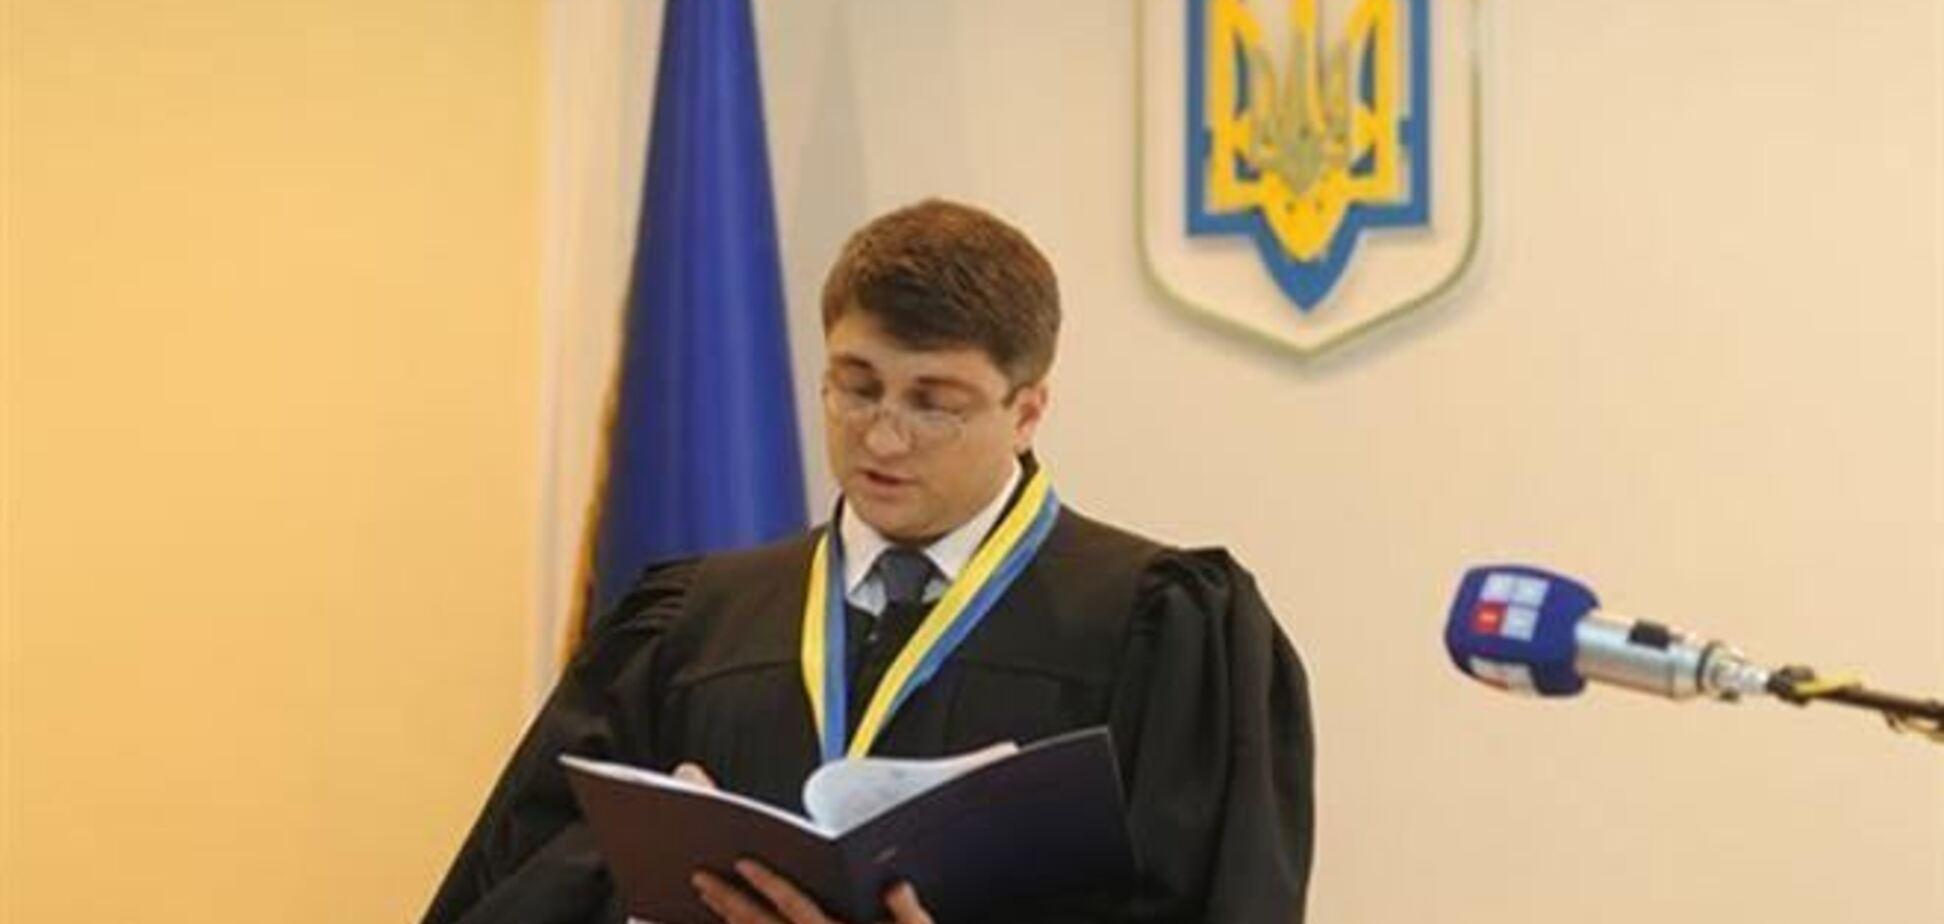 Приговорившего Тимошенко судью хотят уволить за нарушение присяги